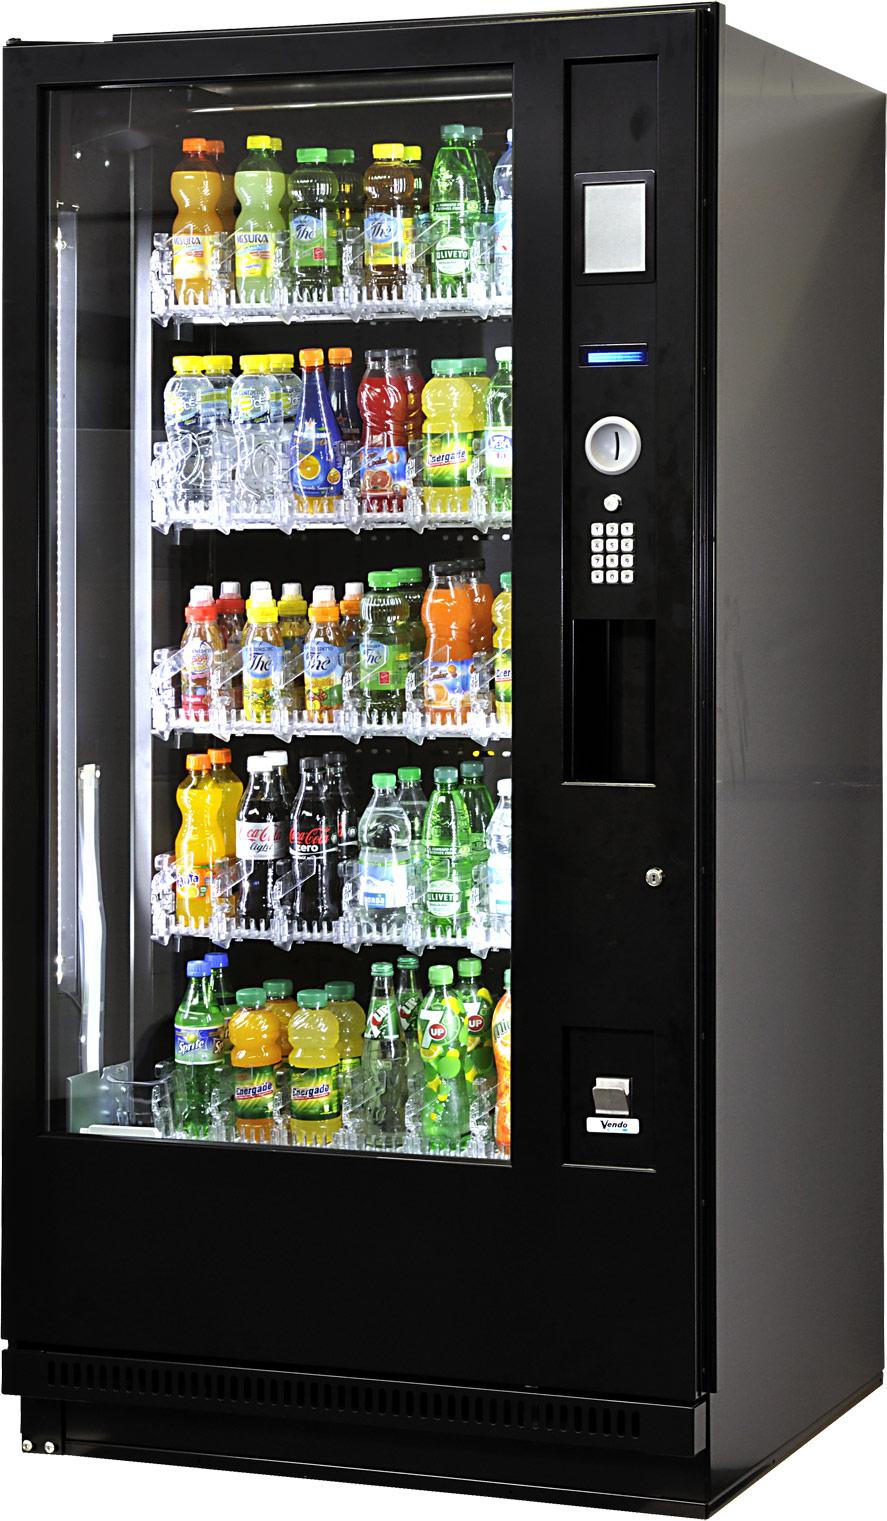 g drink dr6 drinks vending machine glass fronted intelligent vending ltd. Black Bedroom Furniture Sets. Home Design Ideas